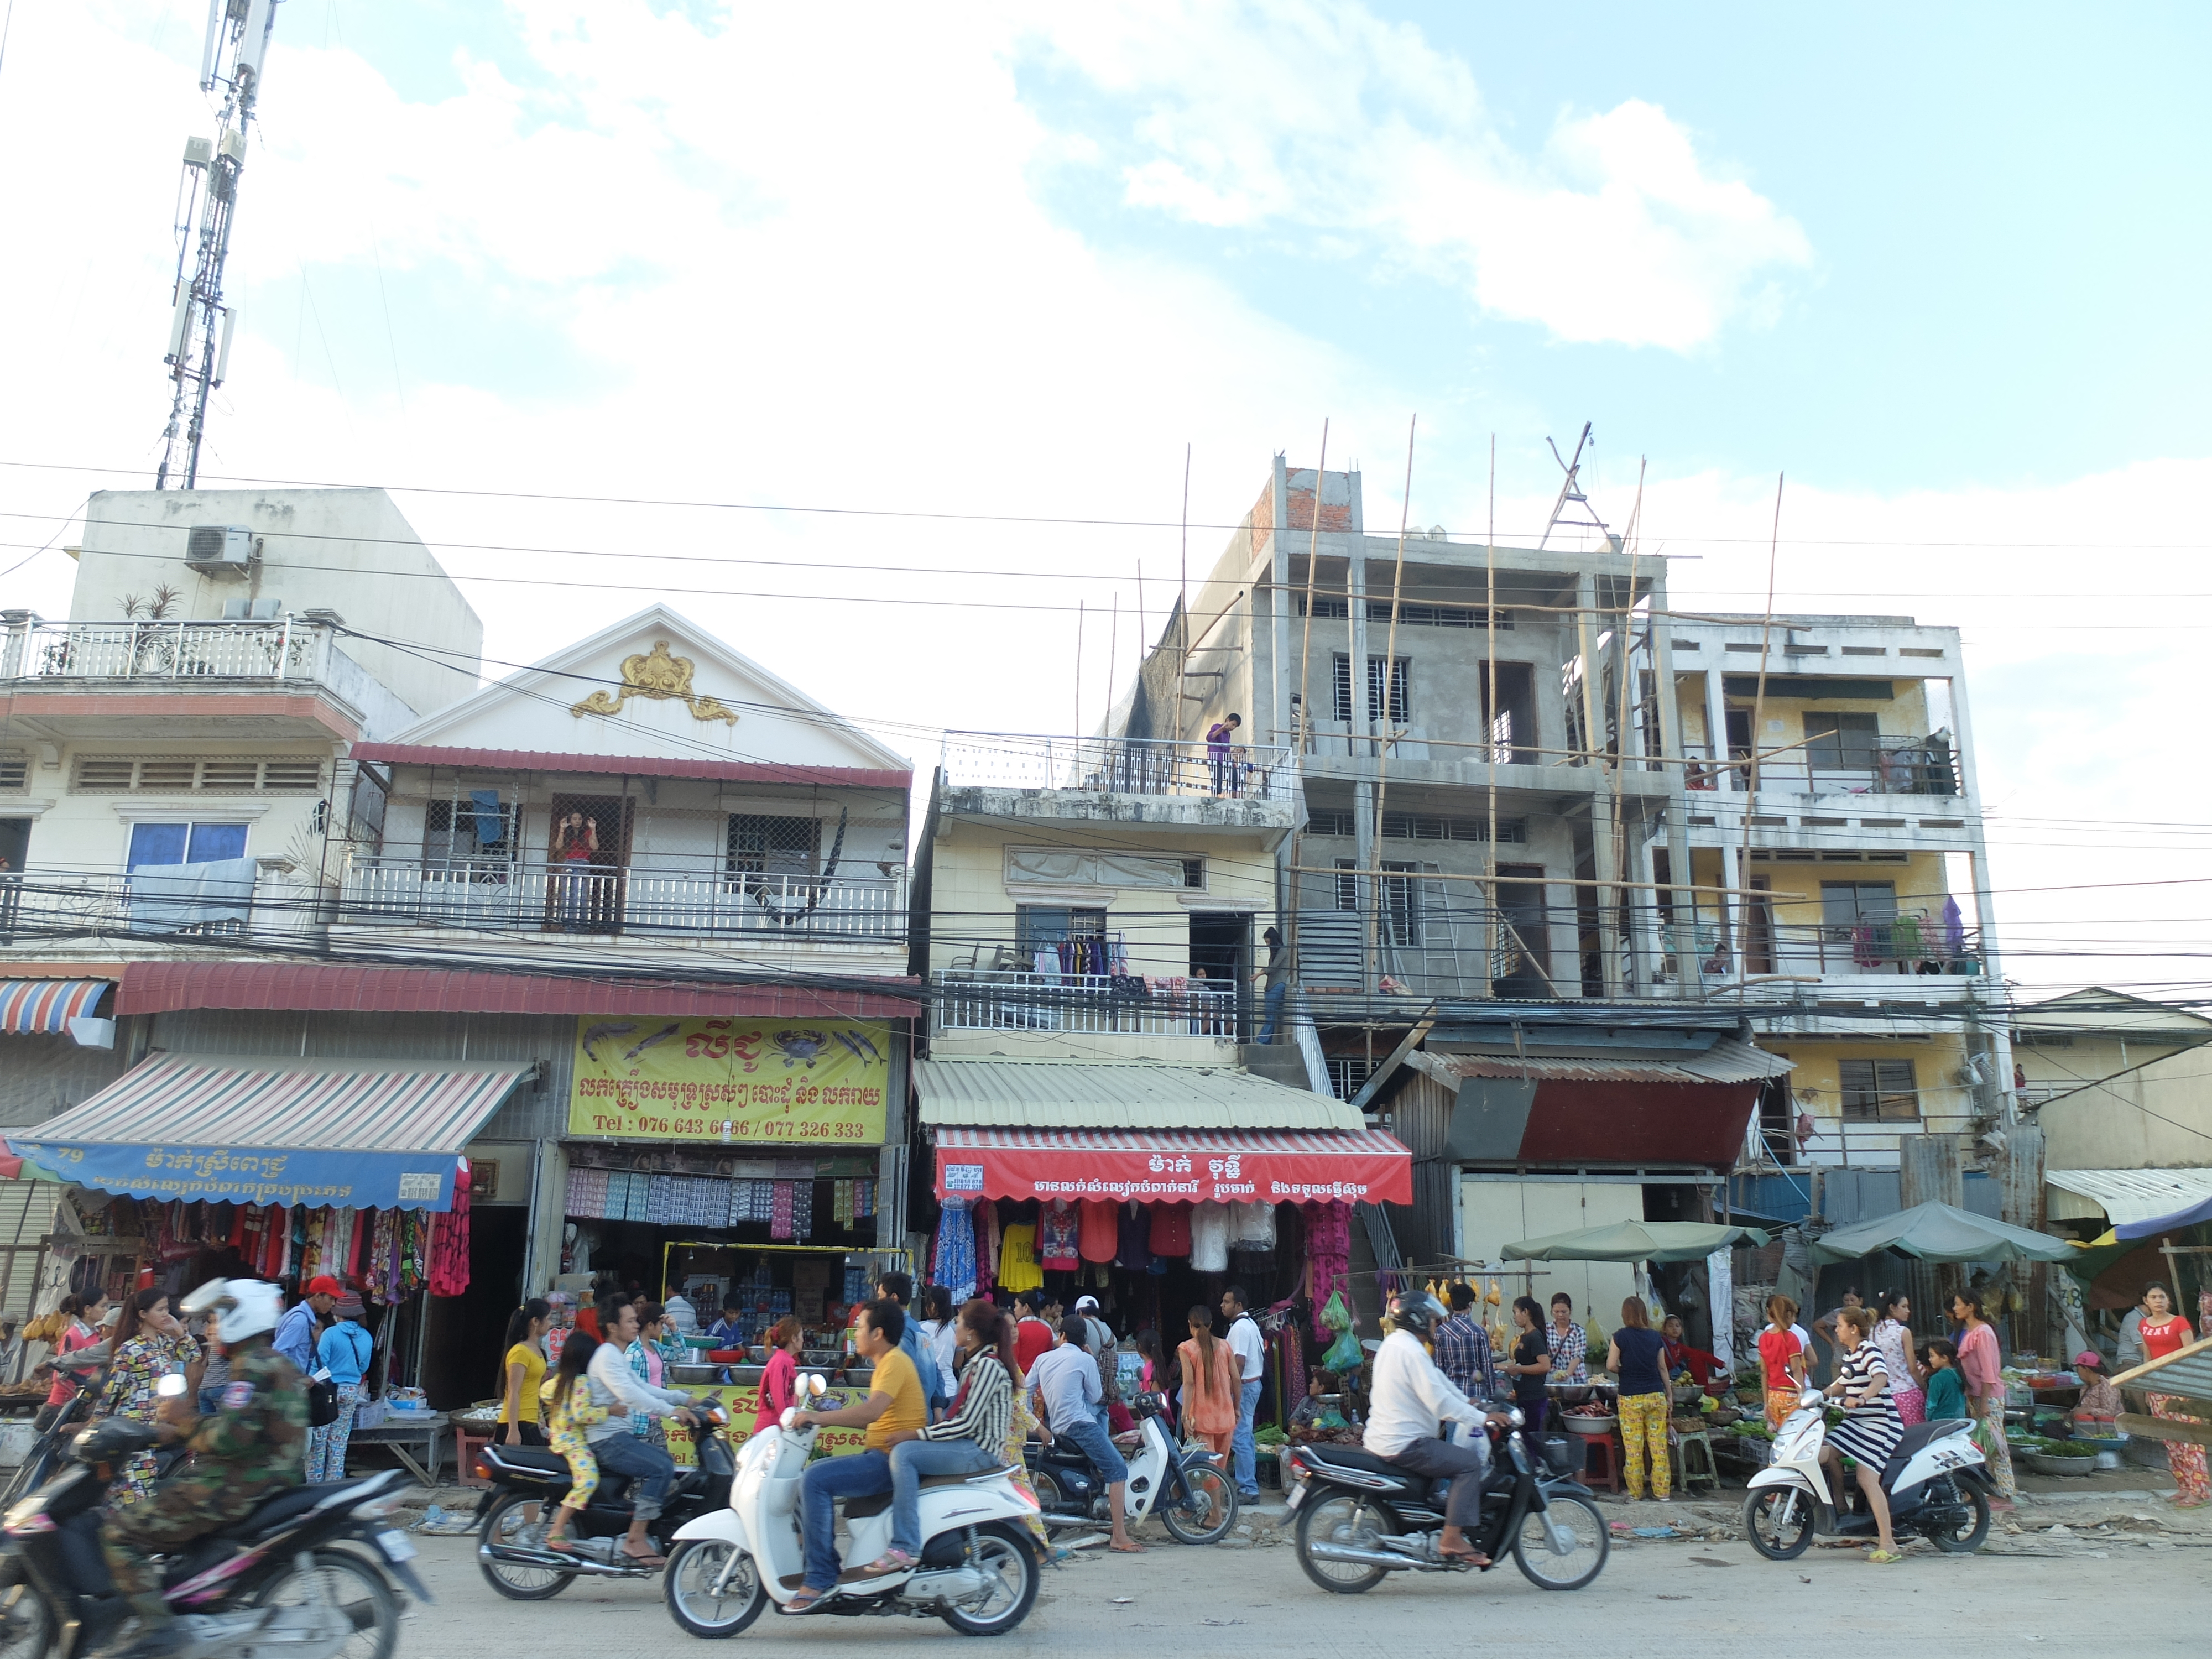 Cambodia – The Start